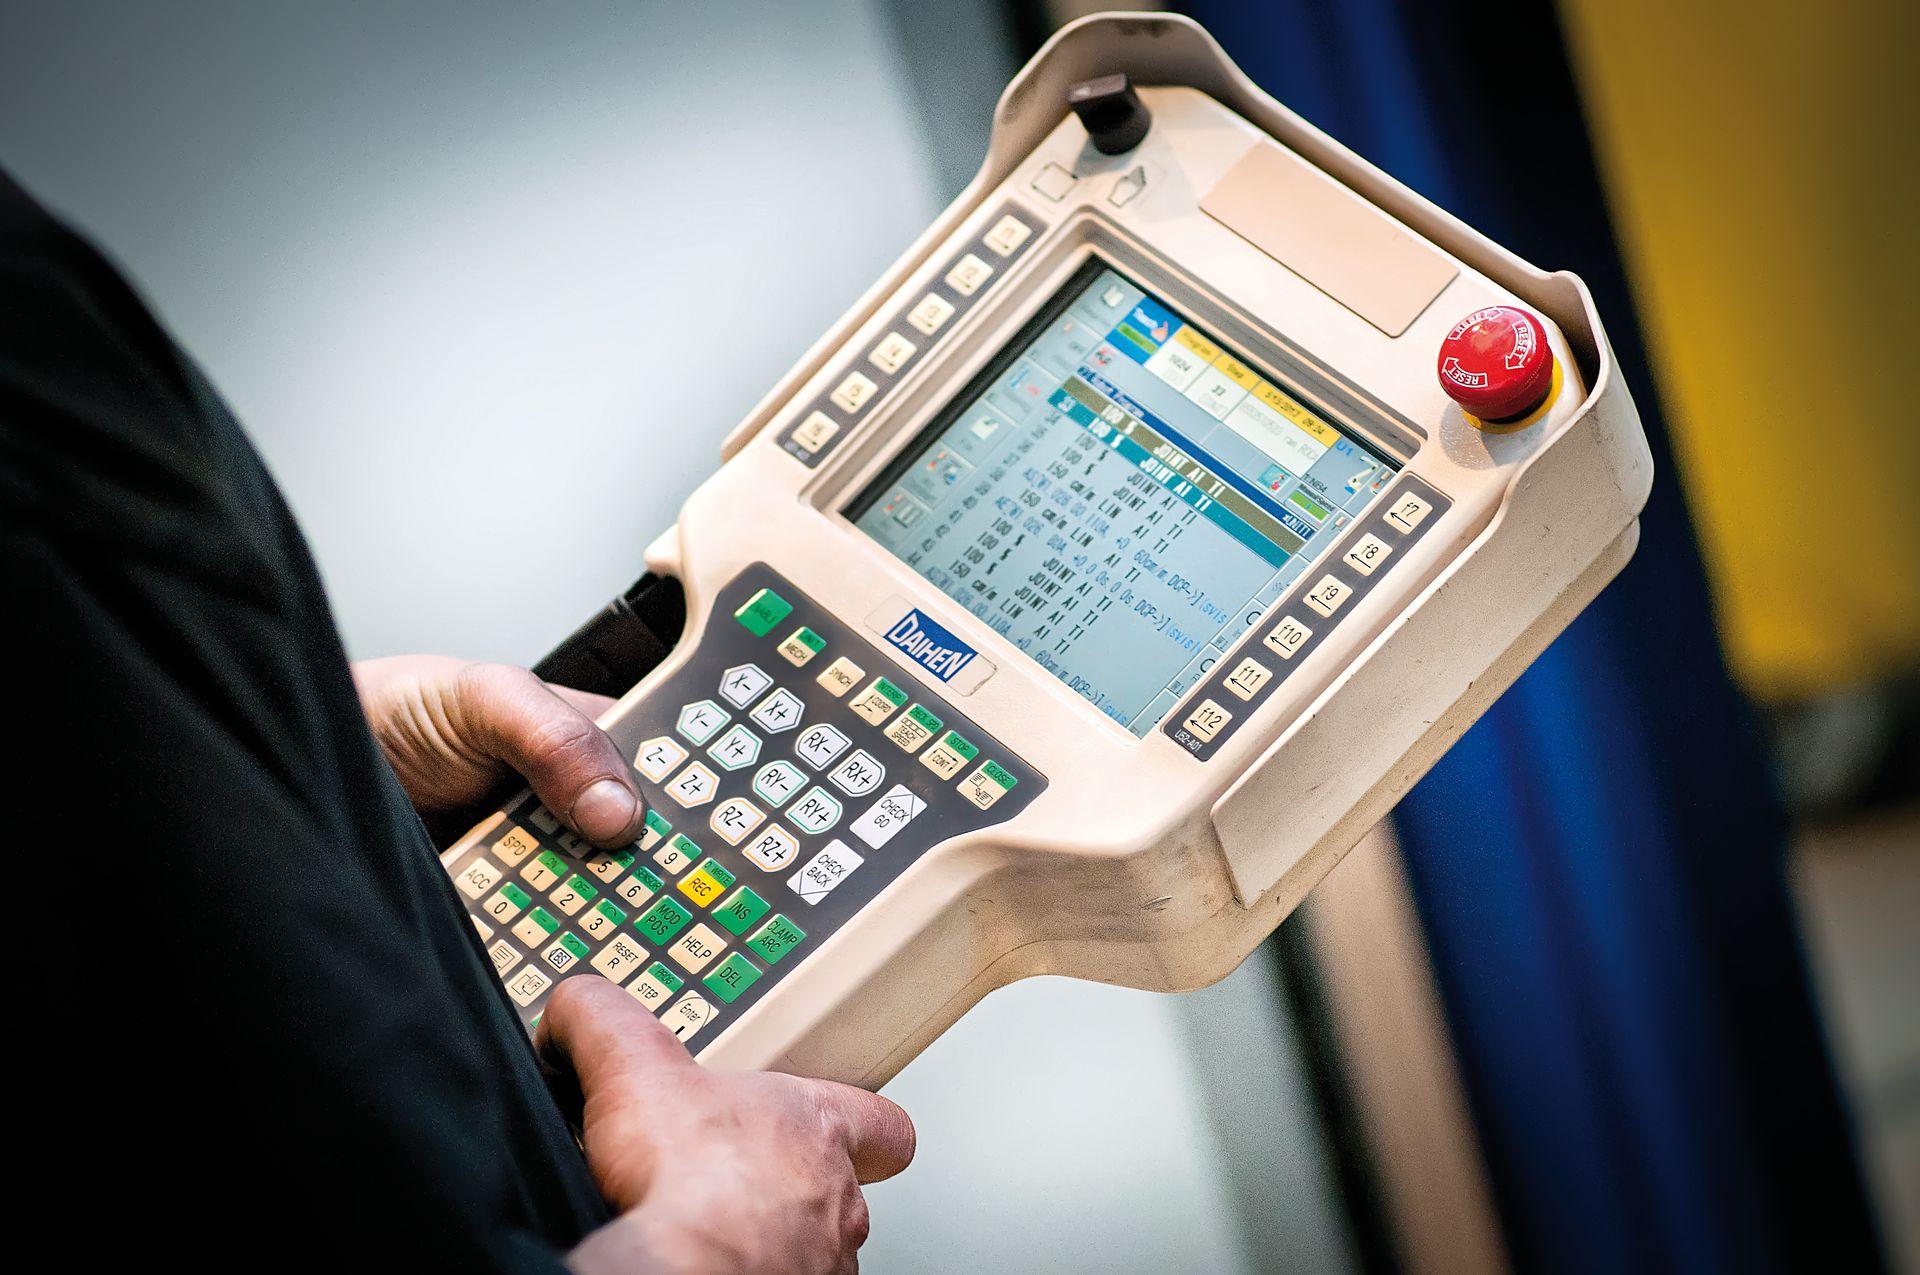 Zabezpečujeme kompletné záručné, pozáručné aj doplnkové služby v rámci automatizácie